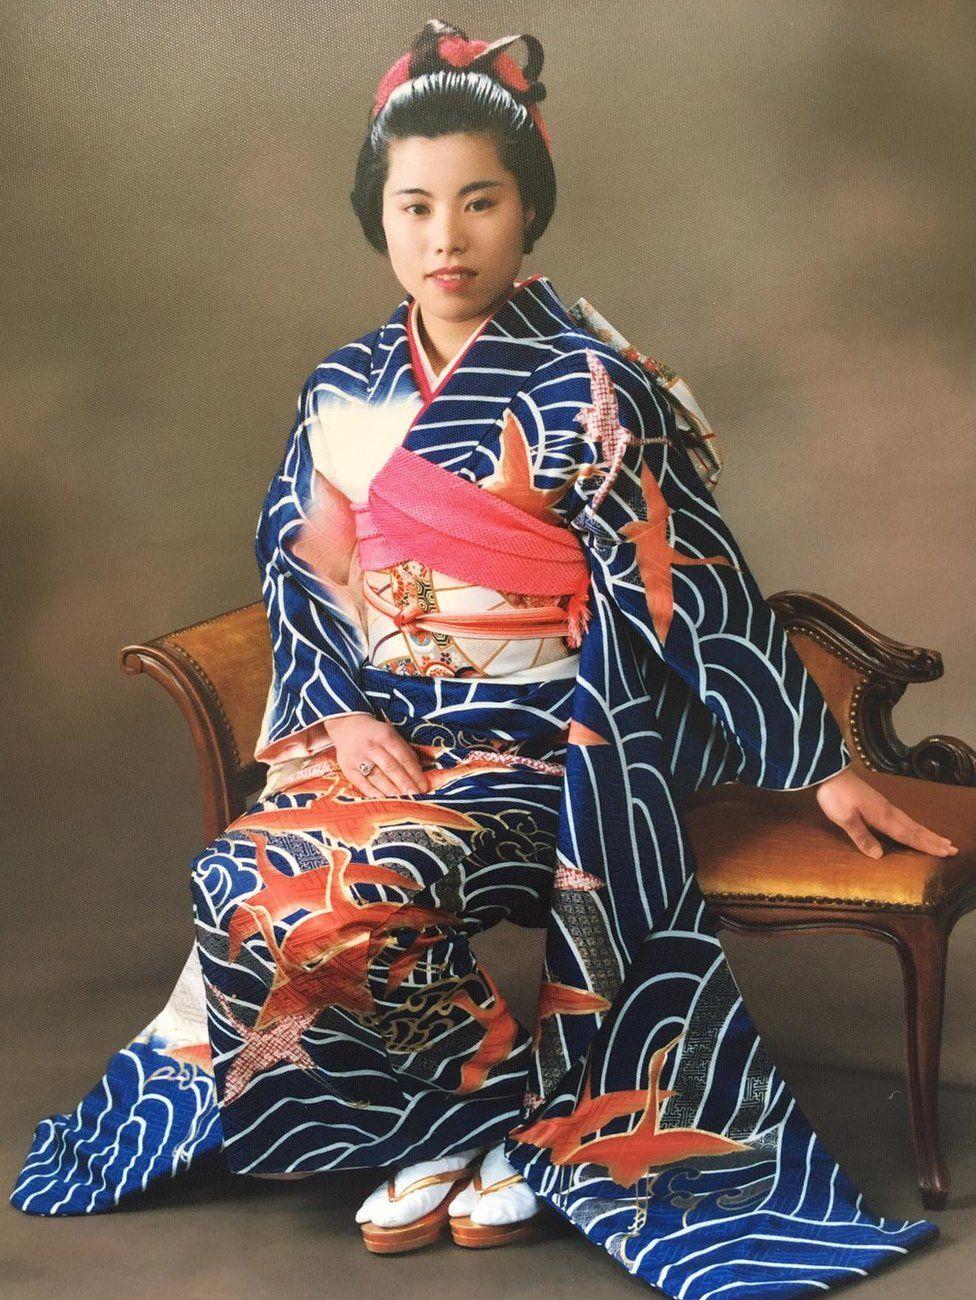 Masayo Long, aged 20